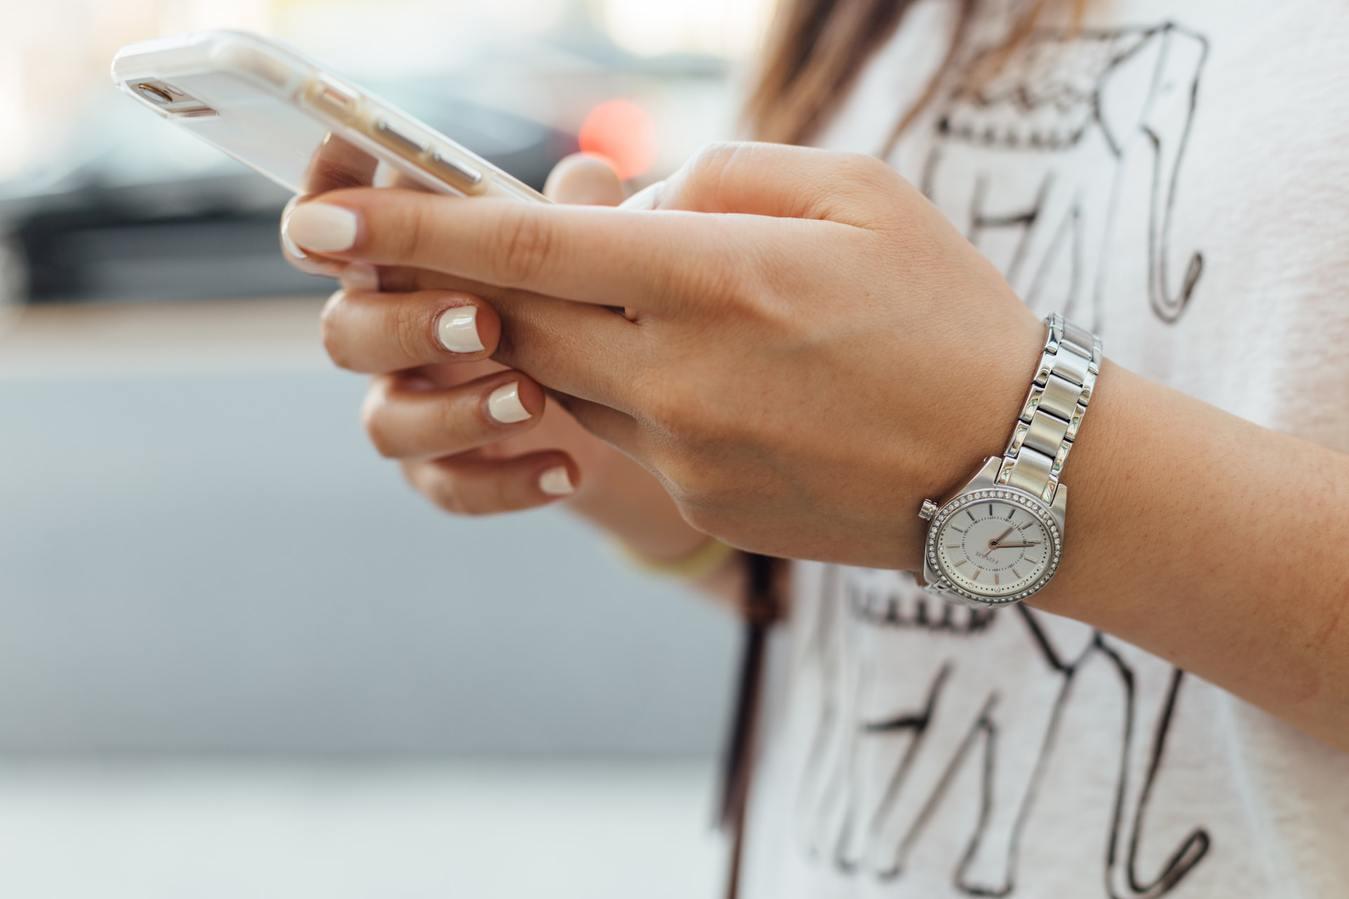 người phụ nữ cầm smartphone tìm cách bán hàng trên pinterest